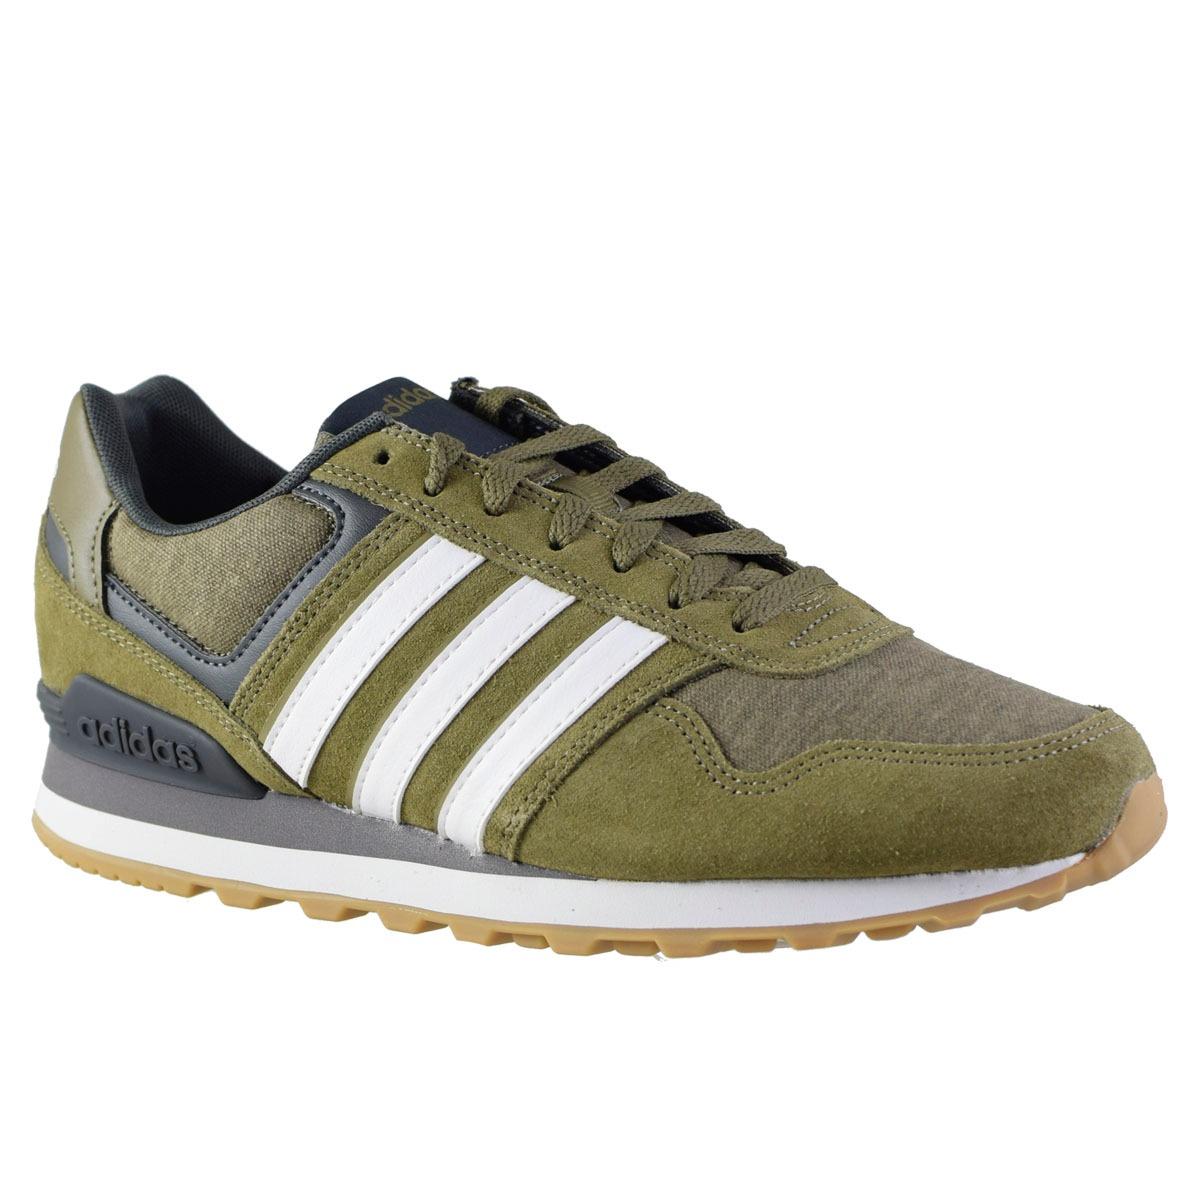 f54eaffe93d10 zapatillas adidas 10k hombre verde. Cargando zoom.